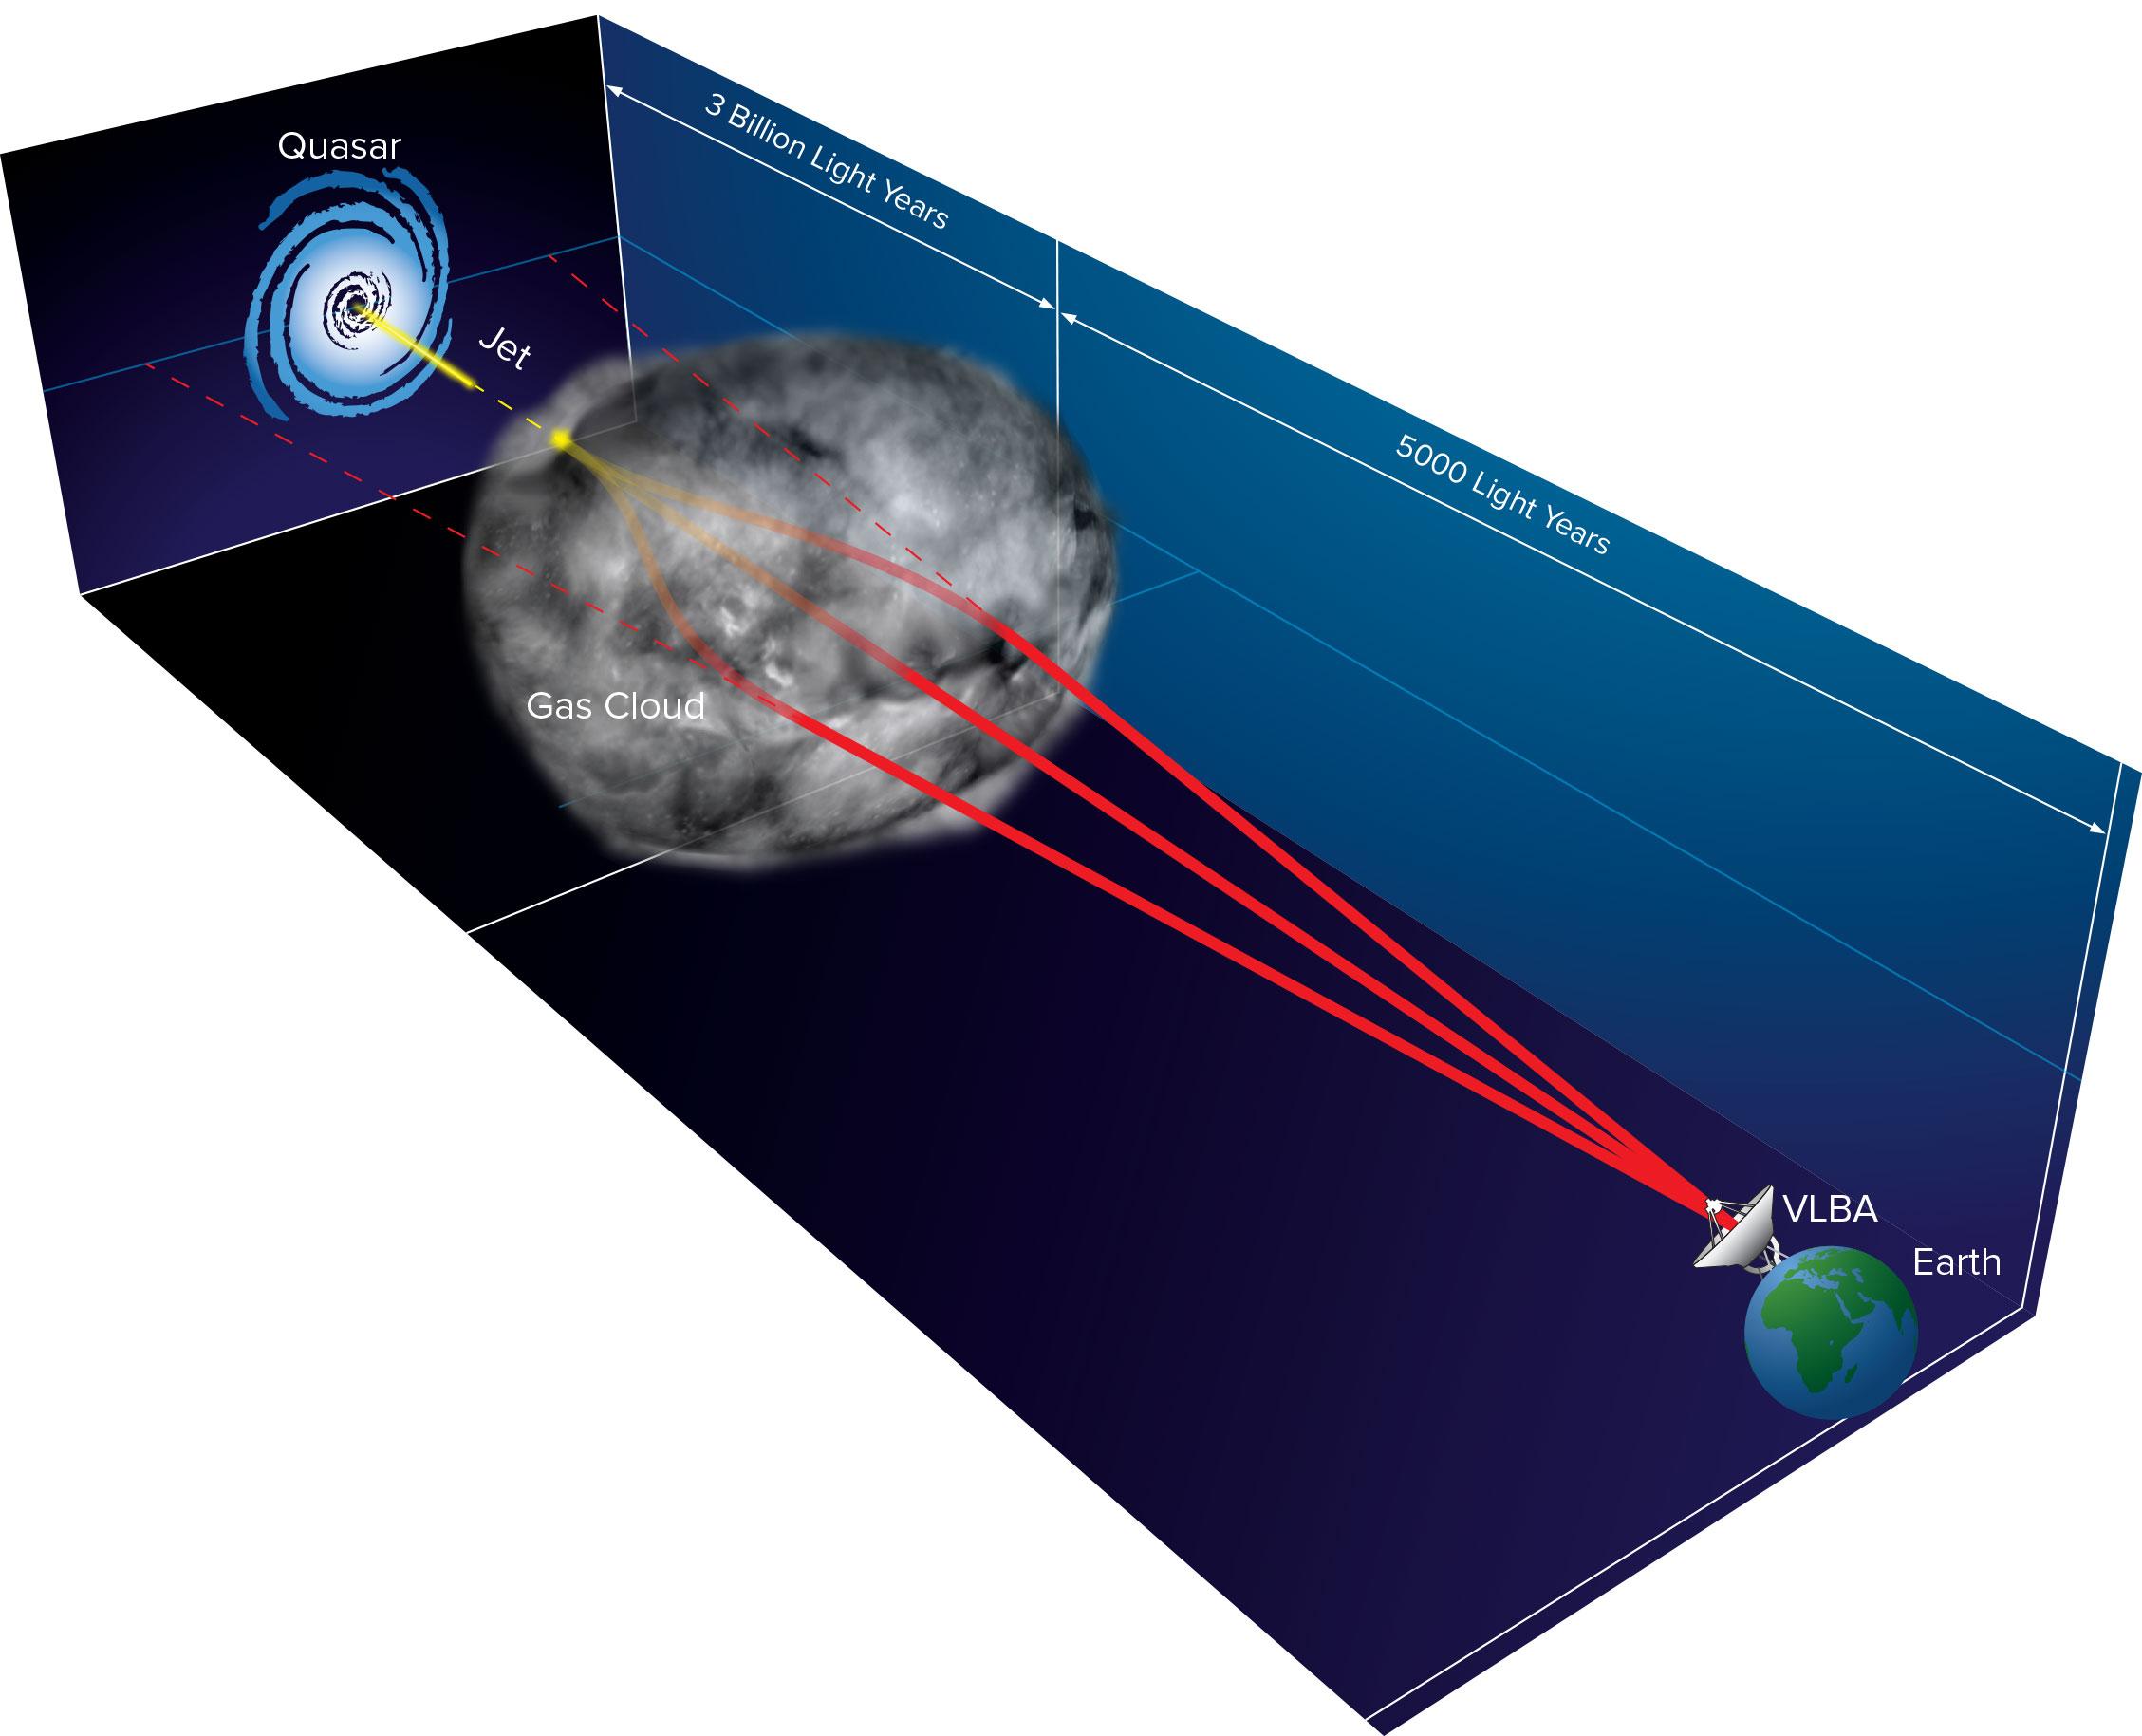 quasar engine diagram wiring diagram All the Galaxies Diagram